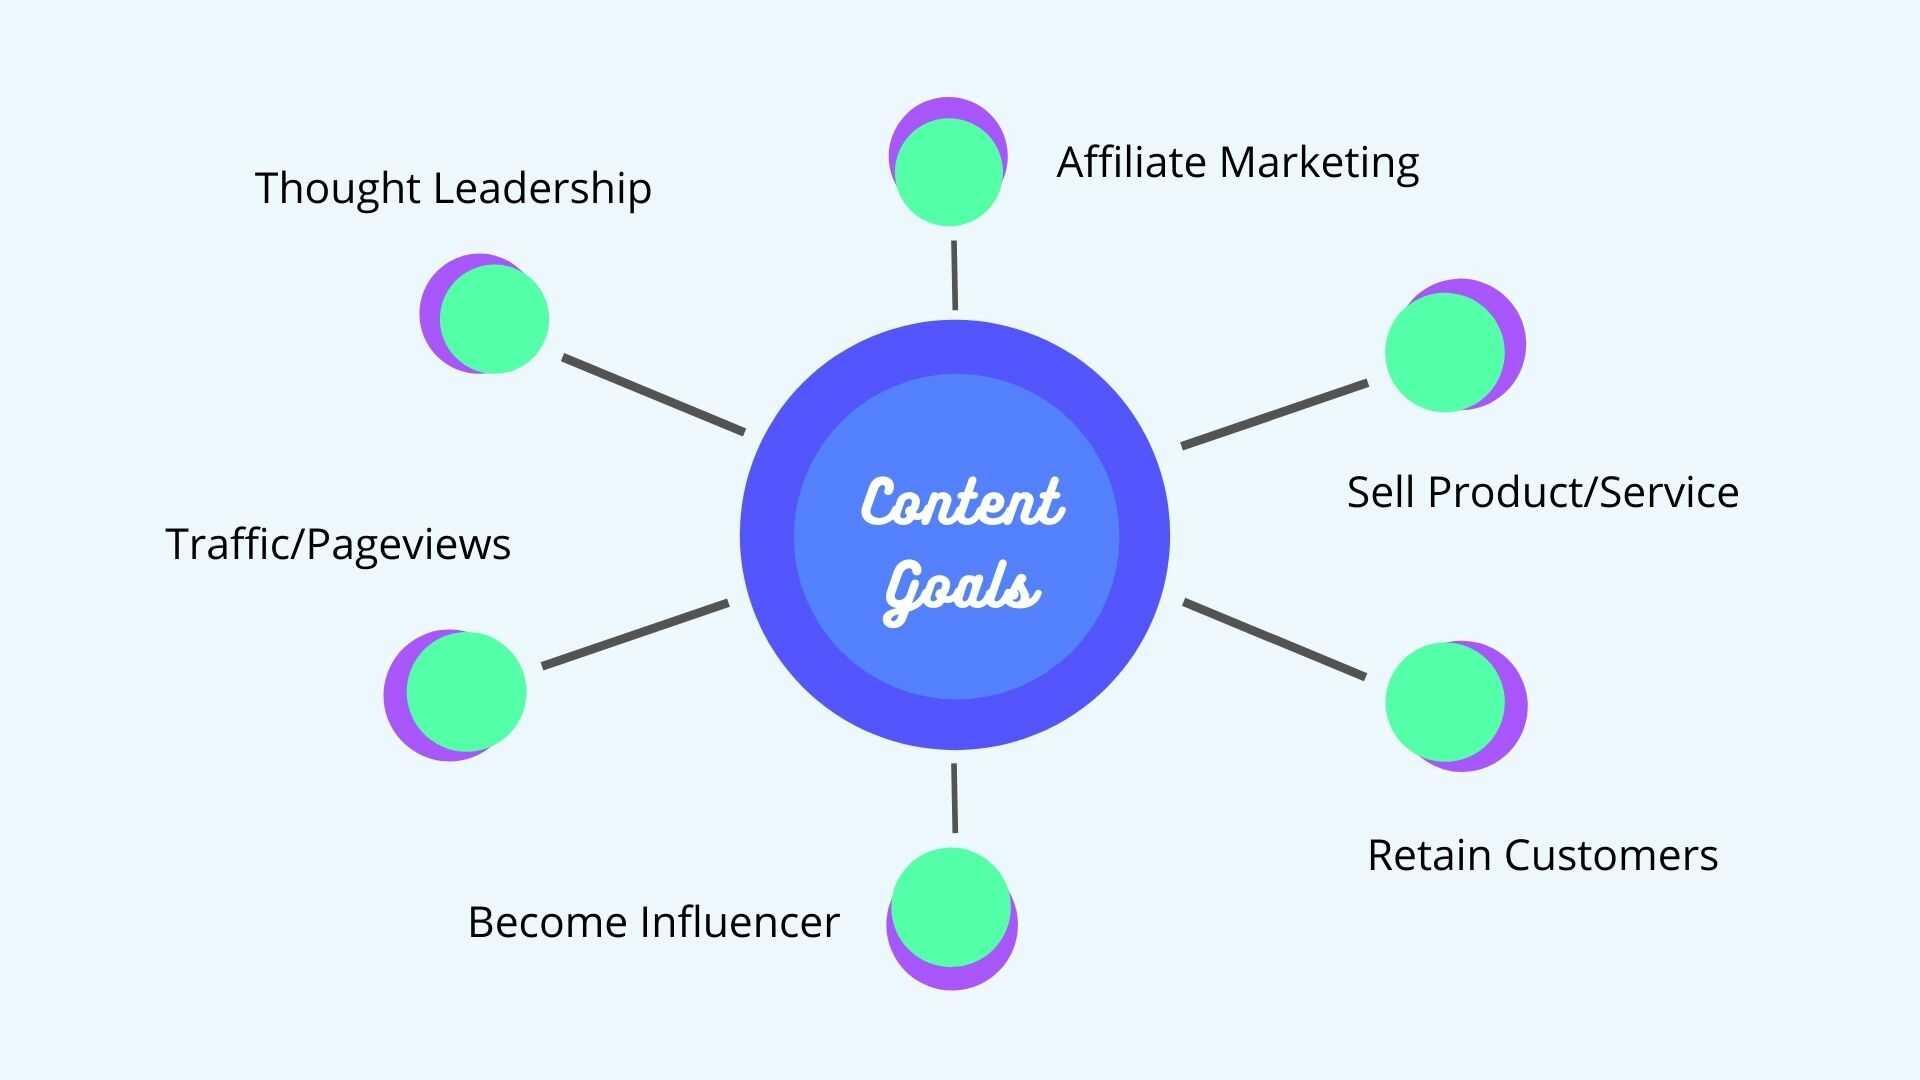 blog content goals - content goals